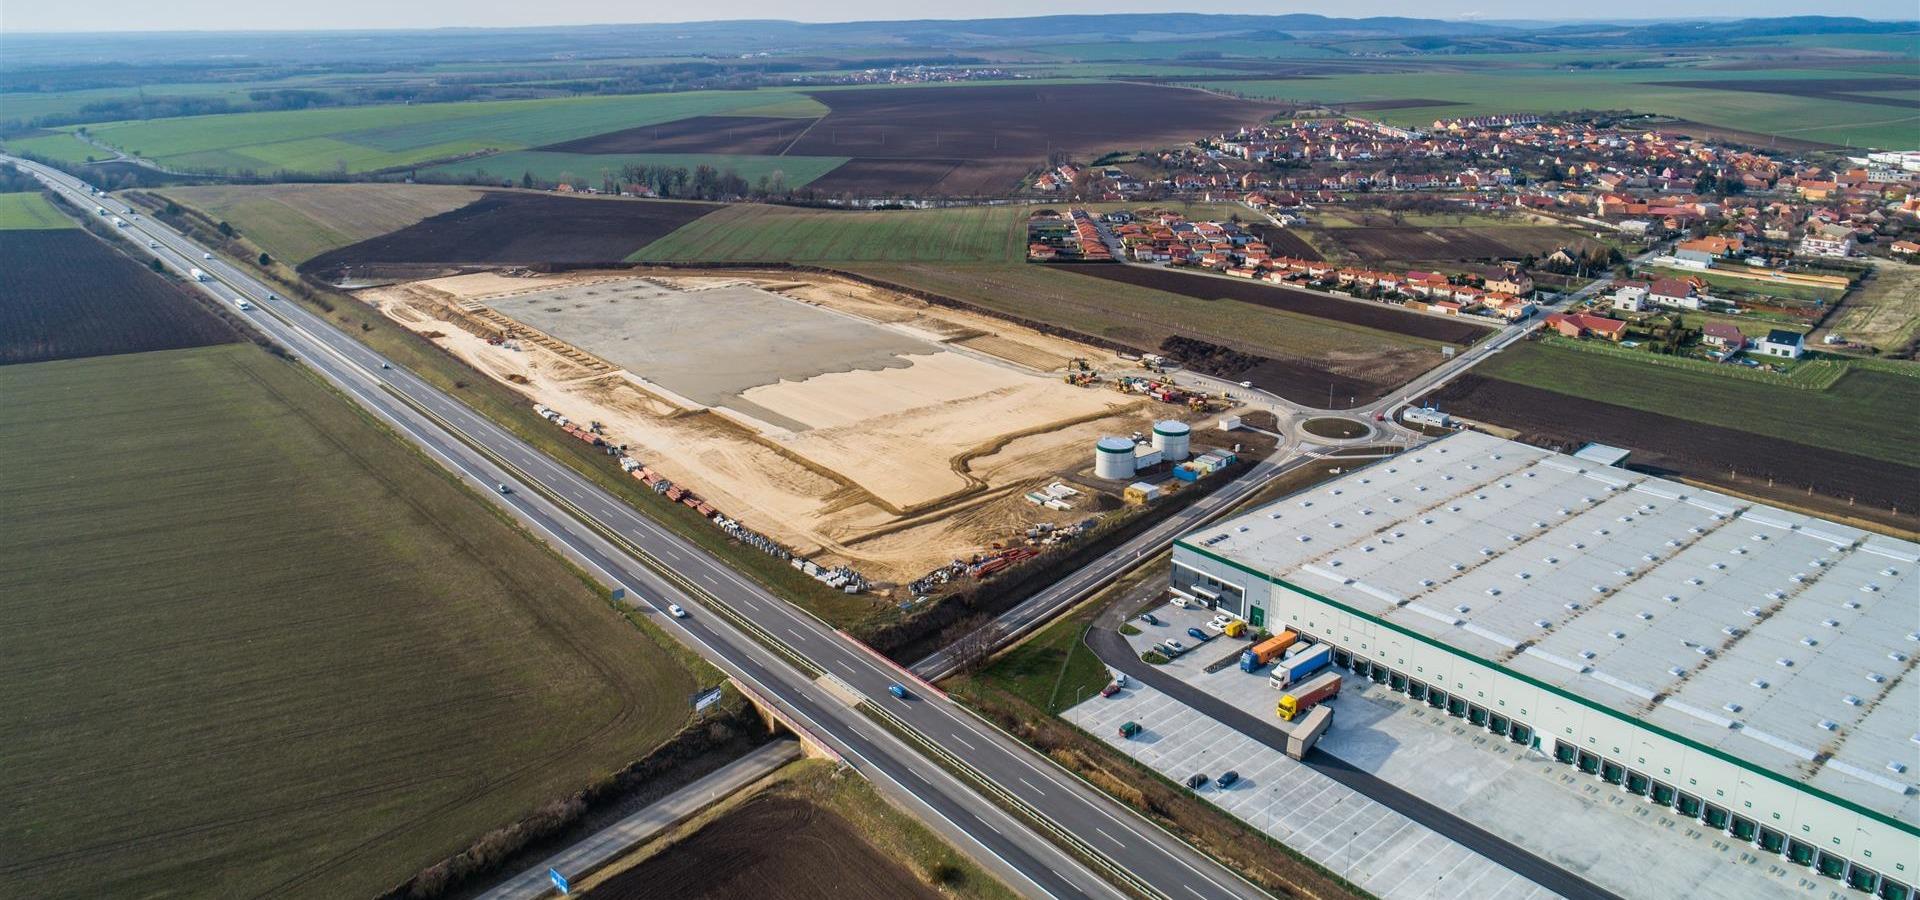 Popyt napędza rozwój! W Prologis Park Brno powstaje drugi budynek